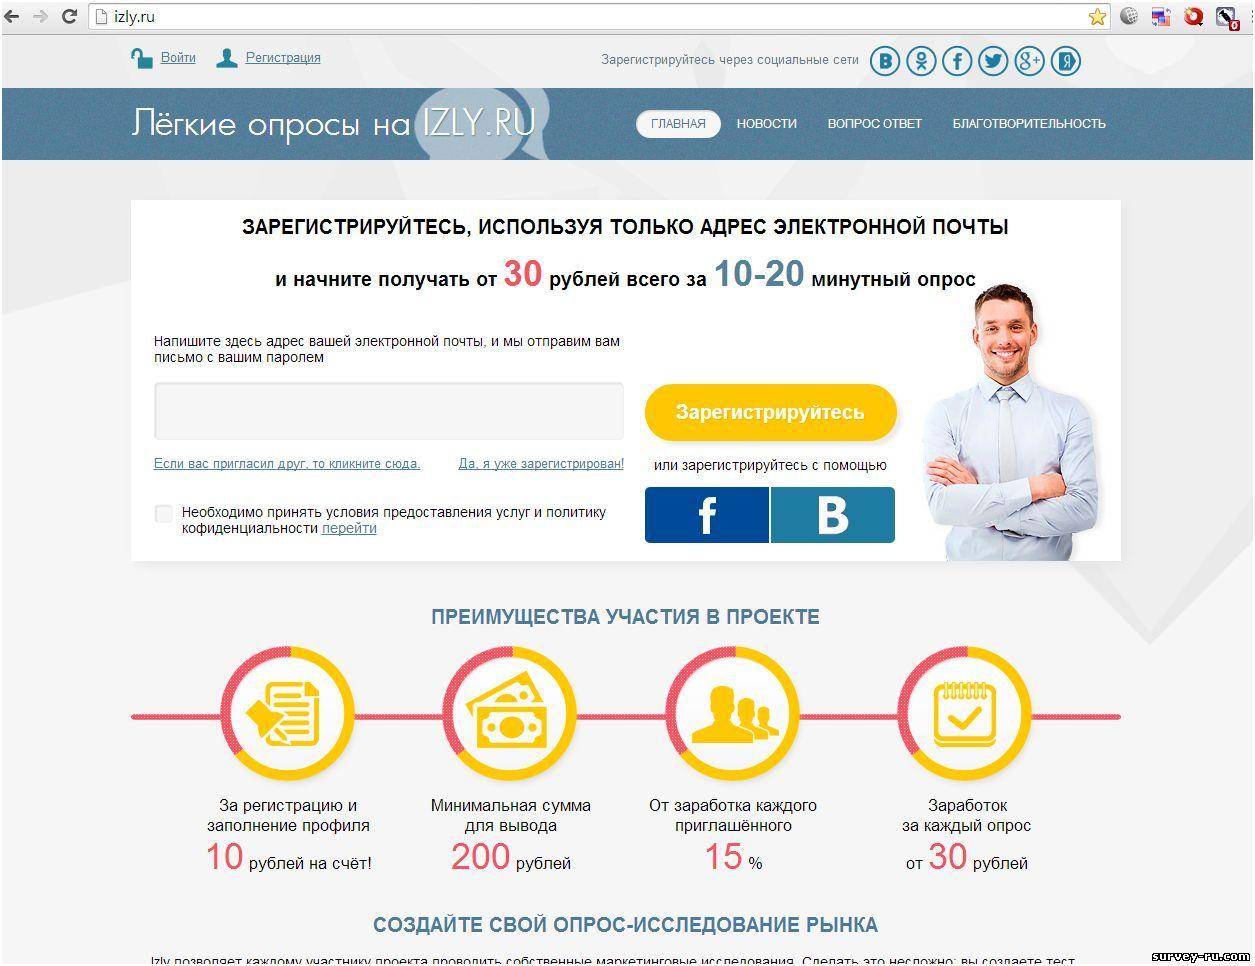 Izly.ru  Заработок на платных опросах, опросы за деньги!